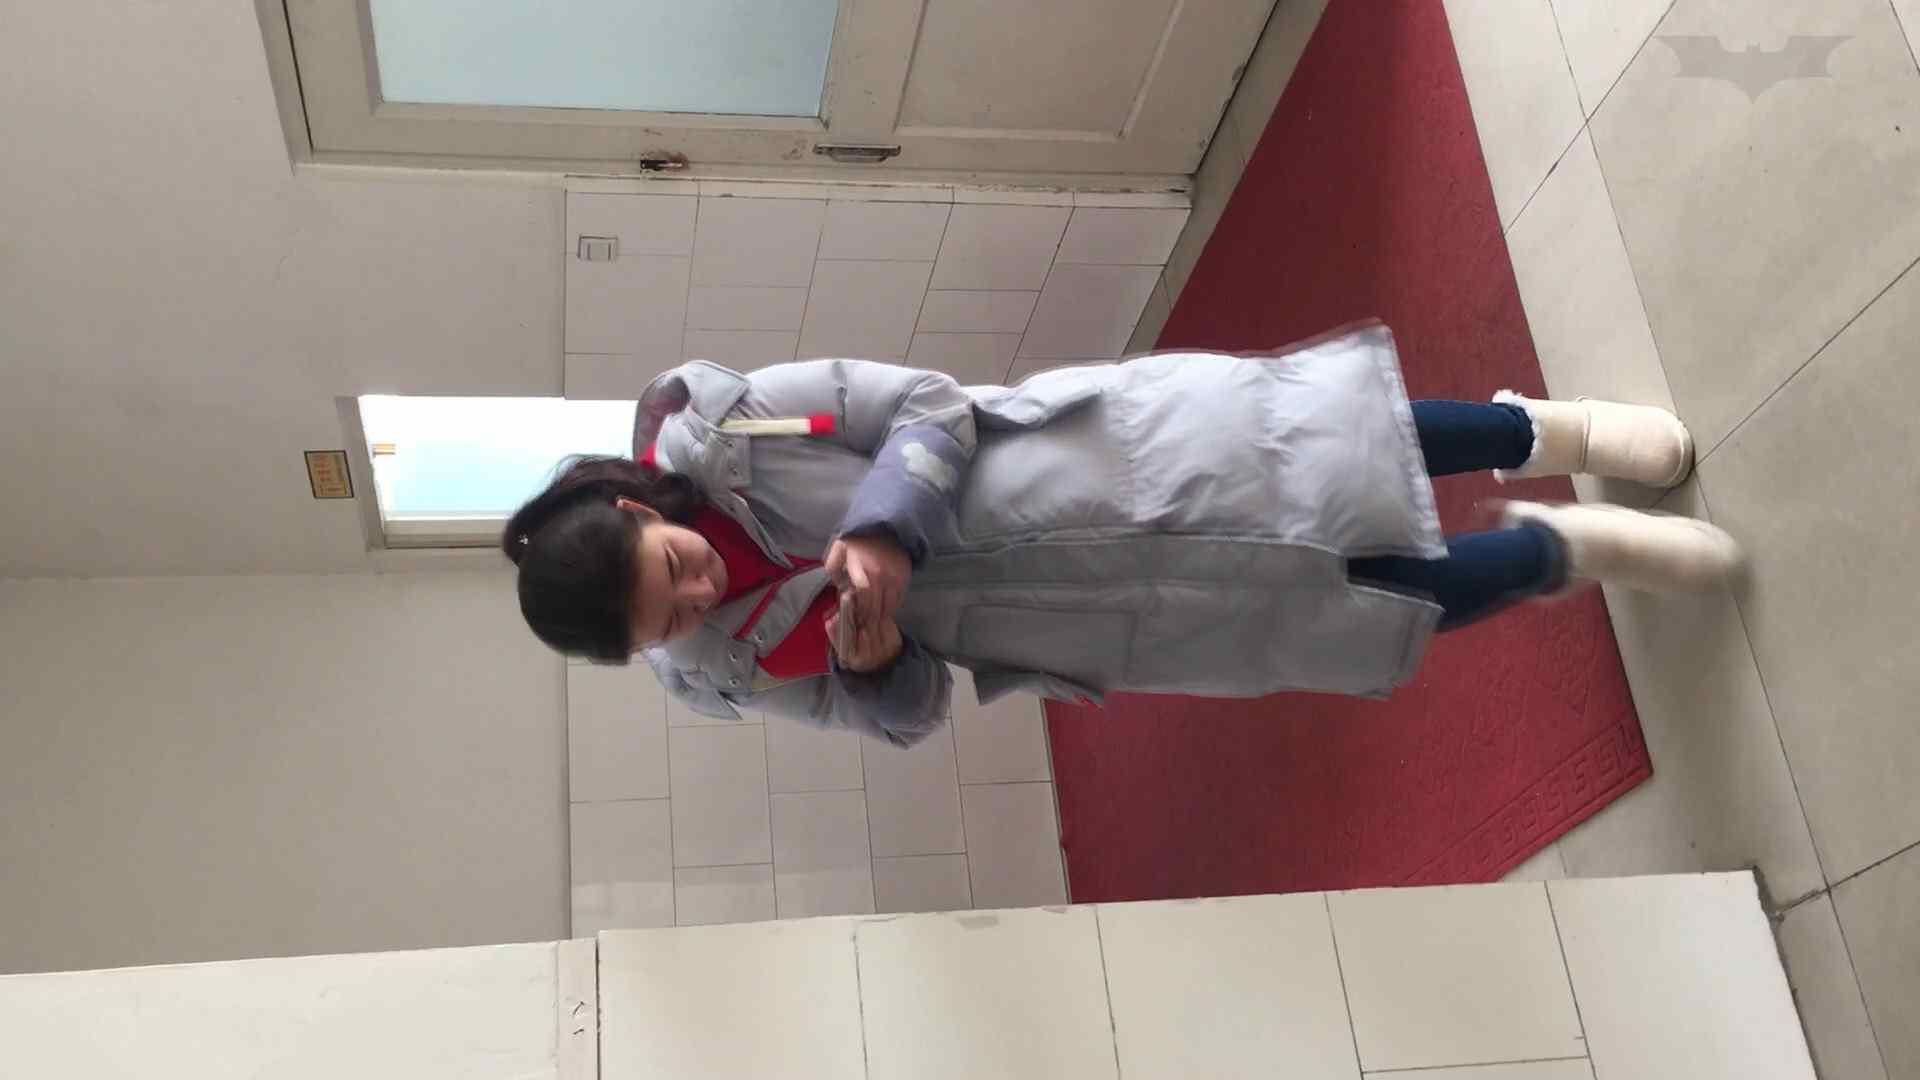 芸術大学ガチ潜入盗撮 JD盗撮 美女の洗面所の秘密 Vol.91 トイレ  84pic 76